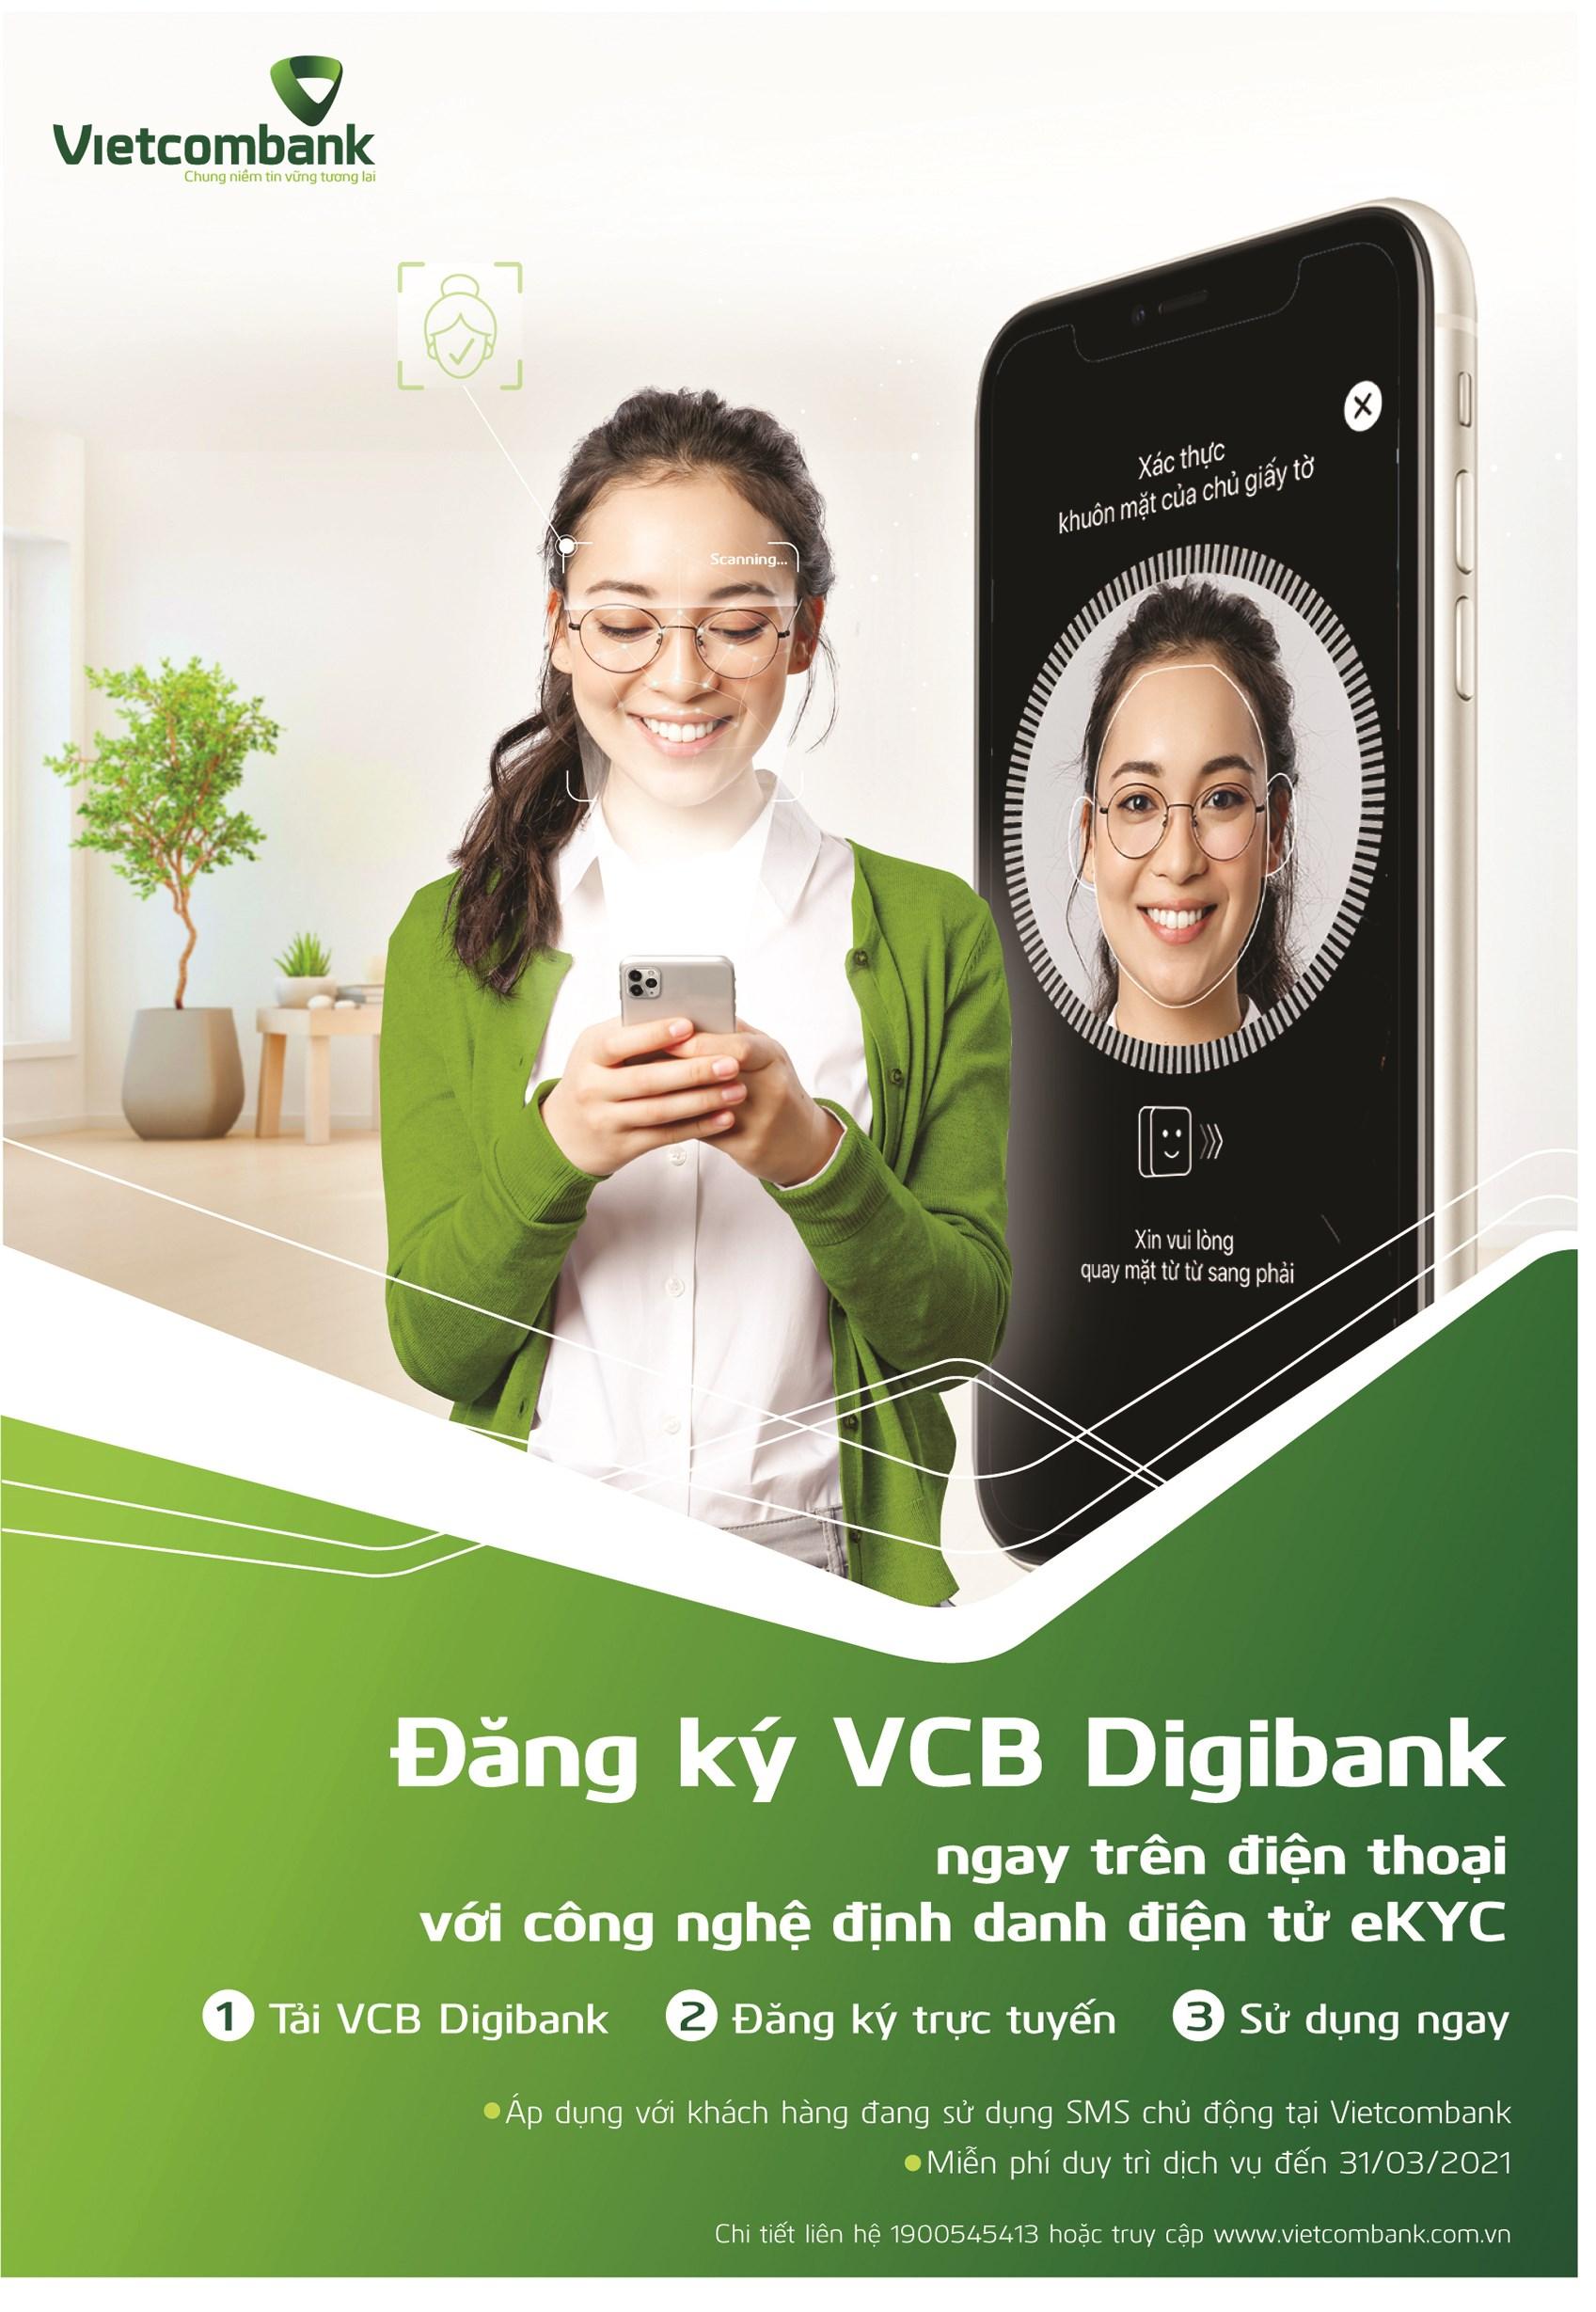 Công nghệ định danh điện tử eKYC - Đăng ký VCB Digibank ngay trên điện thoại.